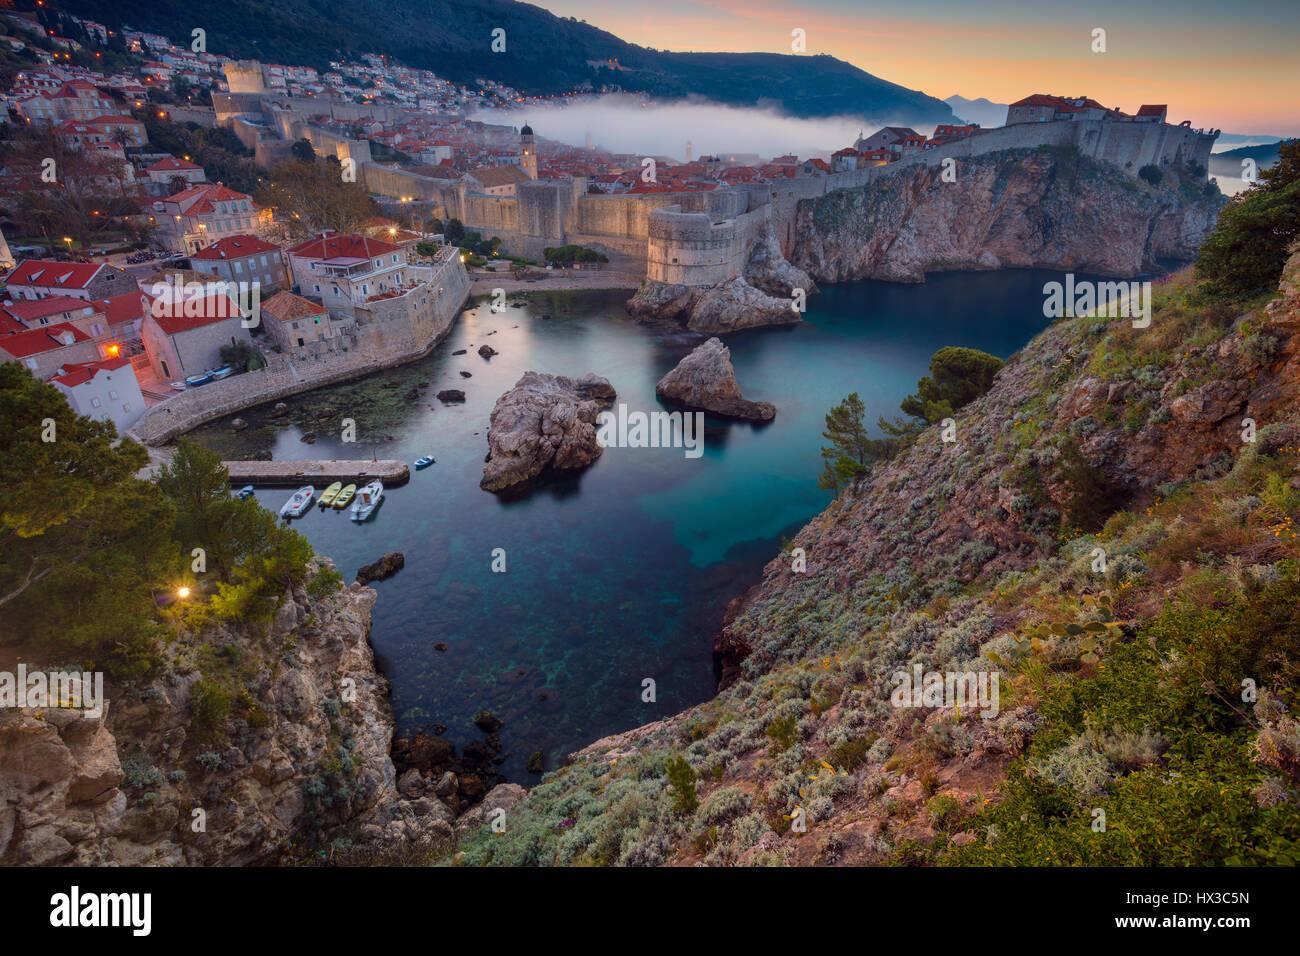 Dubrovnik, Kroatien. Schöne romantische Altstadt von Dubrovnik bei Sonnenaufgang. Stockbild